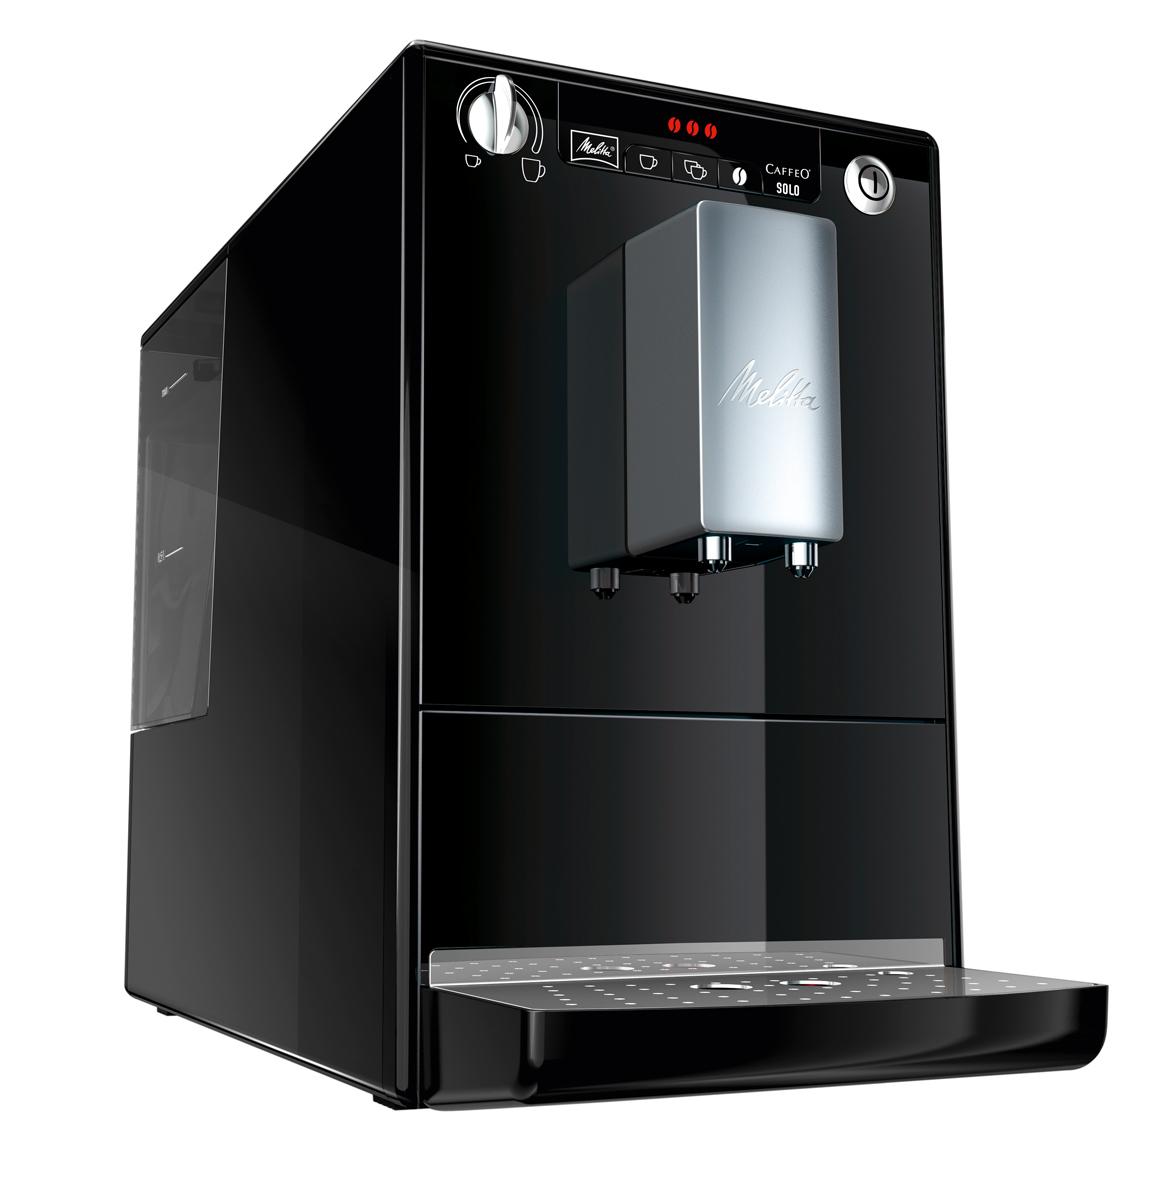 Melitta Caffeo SOLO E 950-101 Kaffeevollautomat 1400W 1,2l für 312,00 Euro